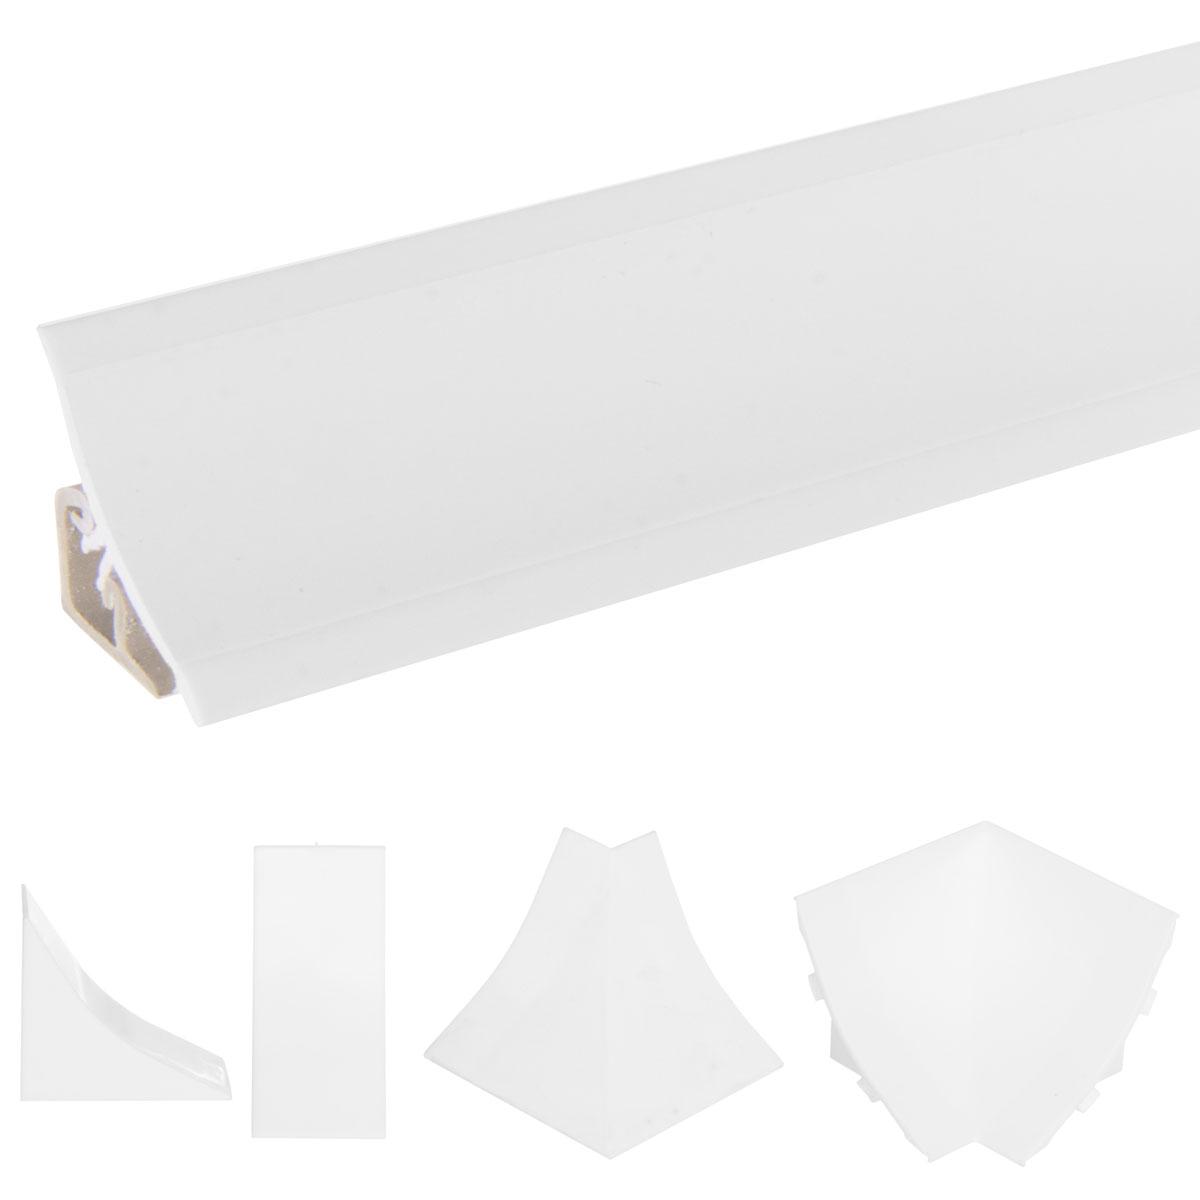 abschlussleiste küche arbeitsplatte küchenleiste - weiss | jumbo-shop